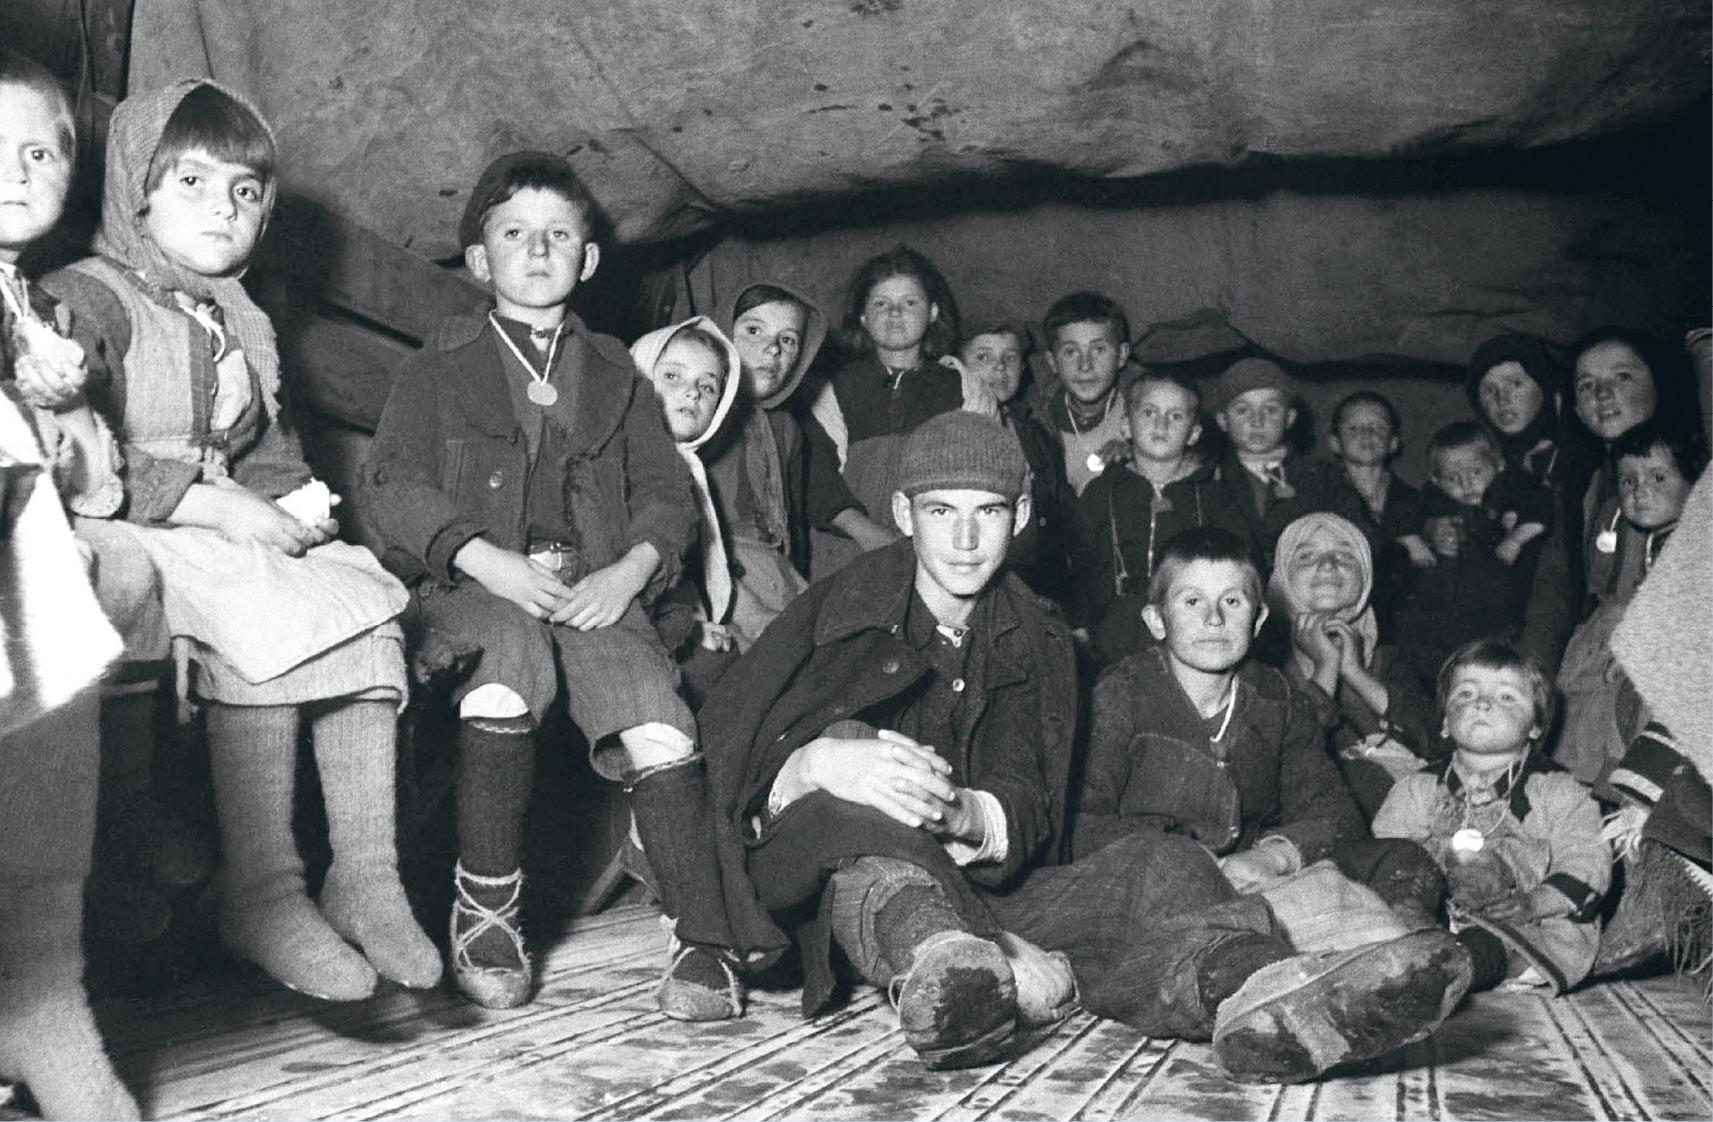 Görög menekült gyerekek érkezése 1948 áprilisában. Úttalan utakon